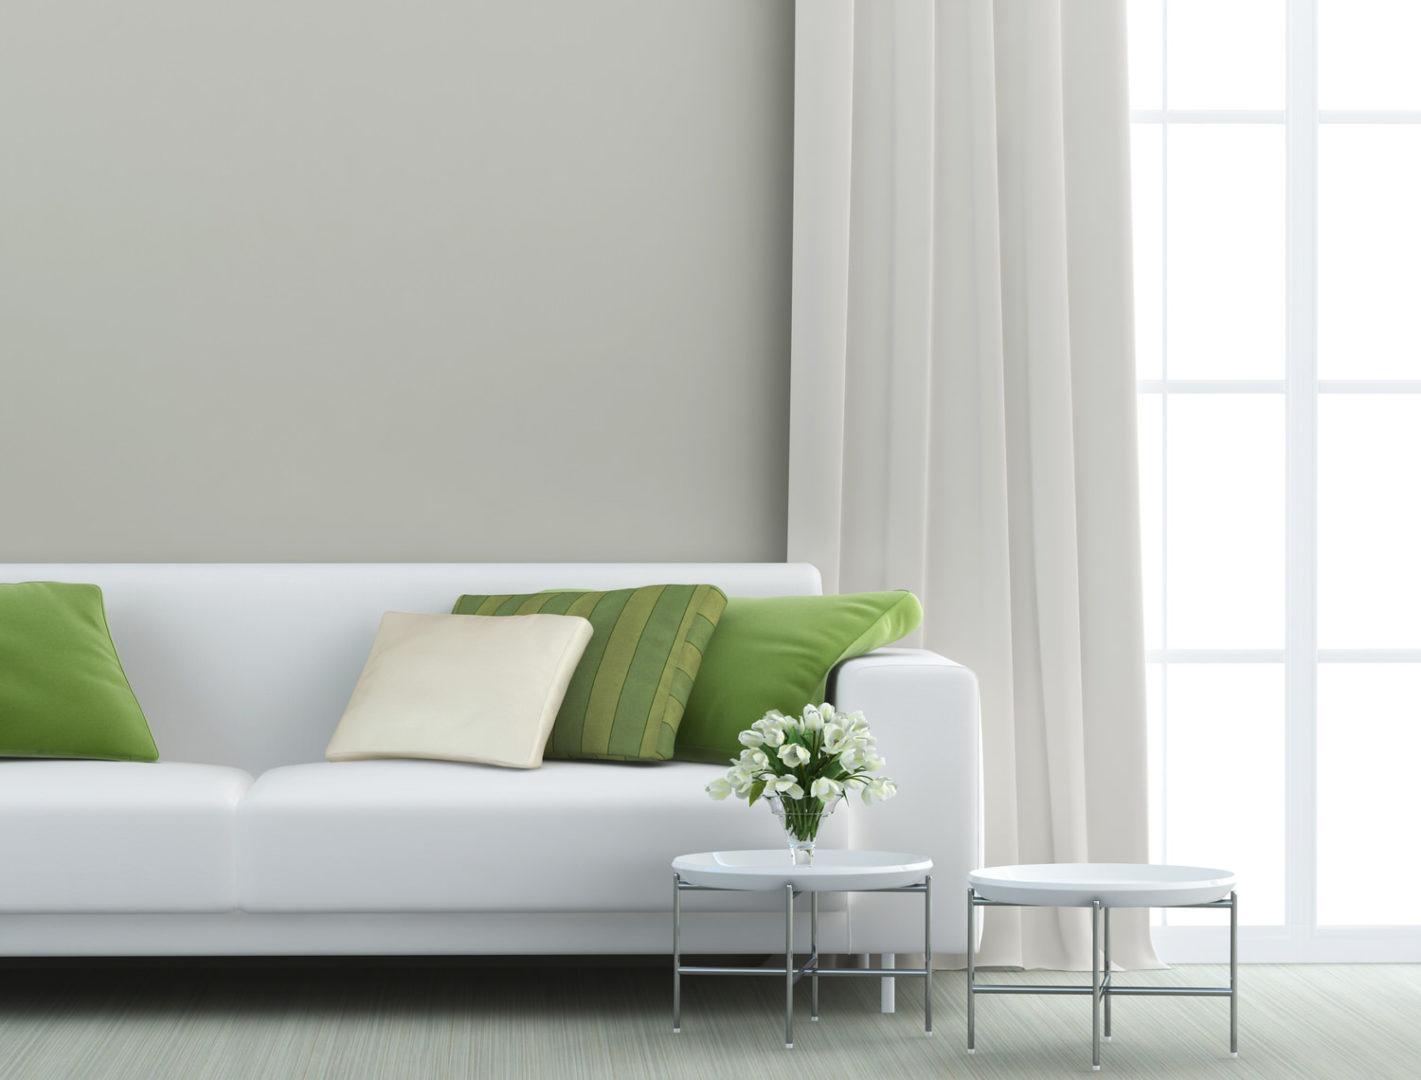 Sofa Kauf: Das Richtige Sofa Für Ihren Typ Finden